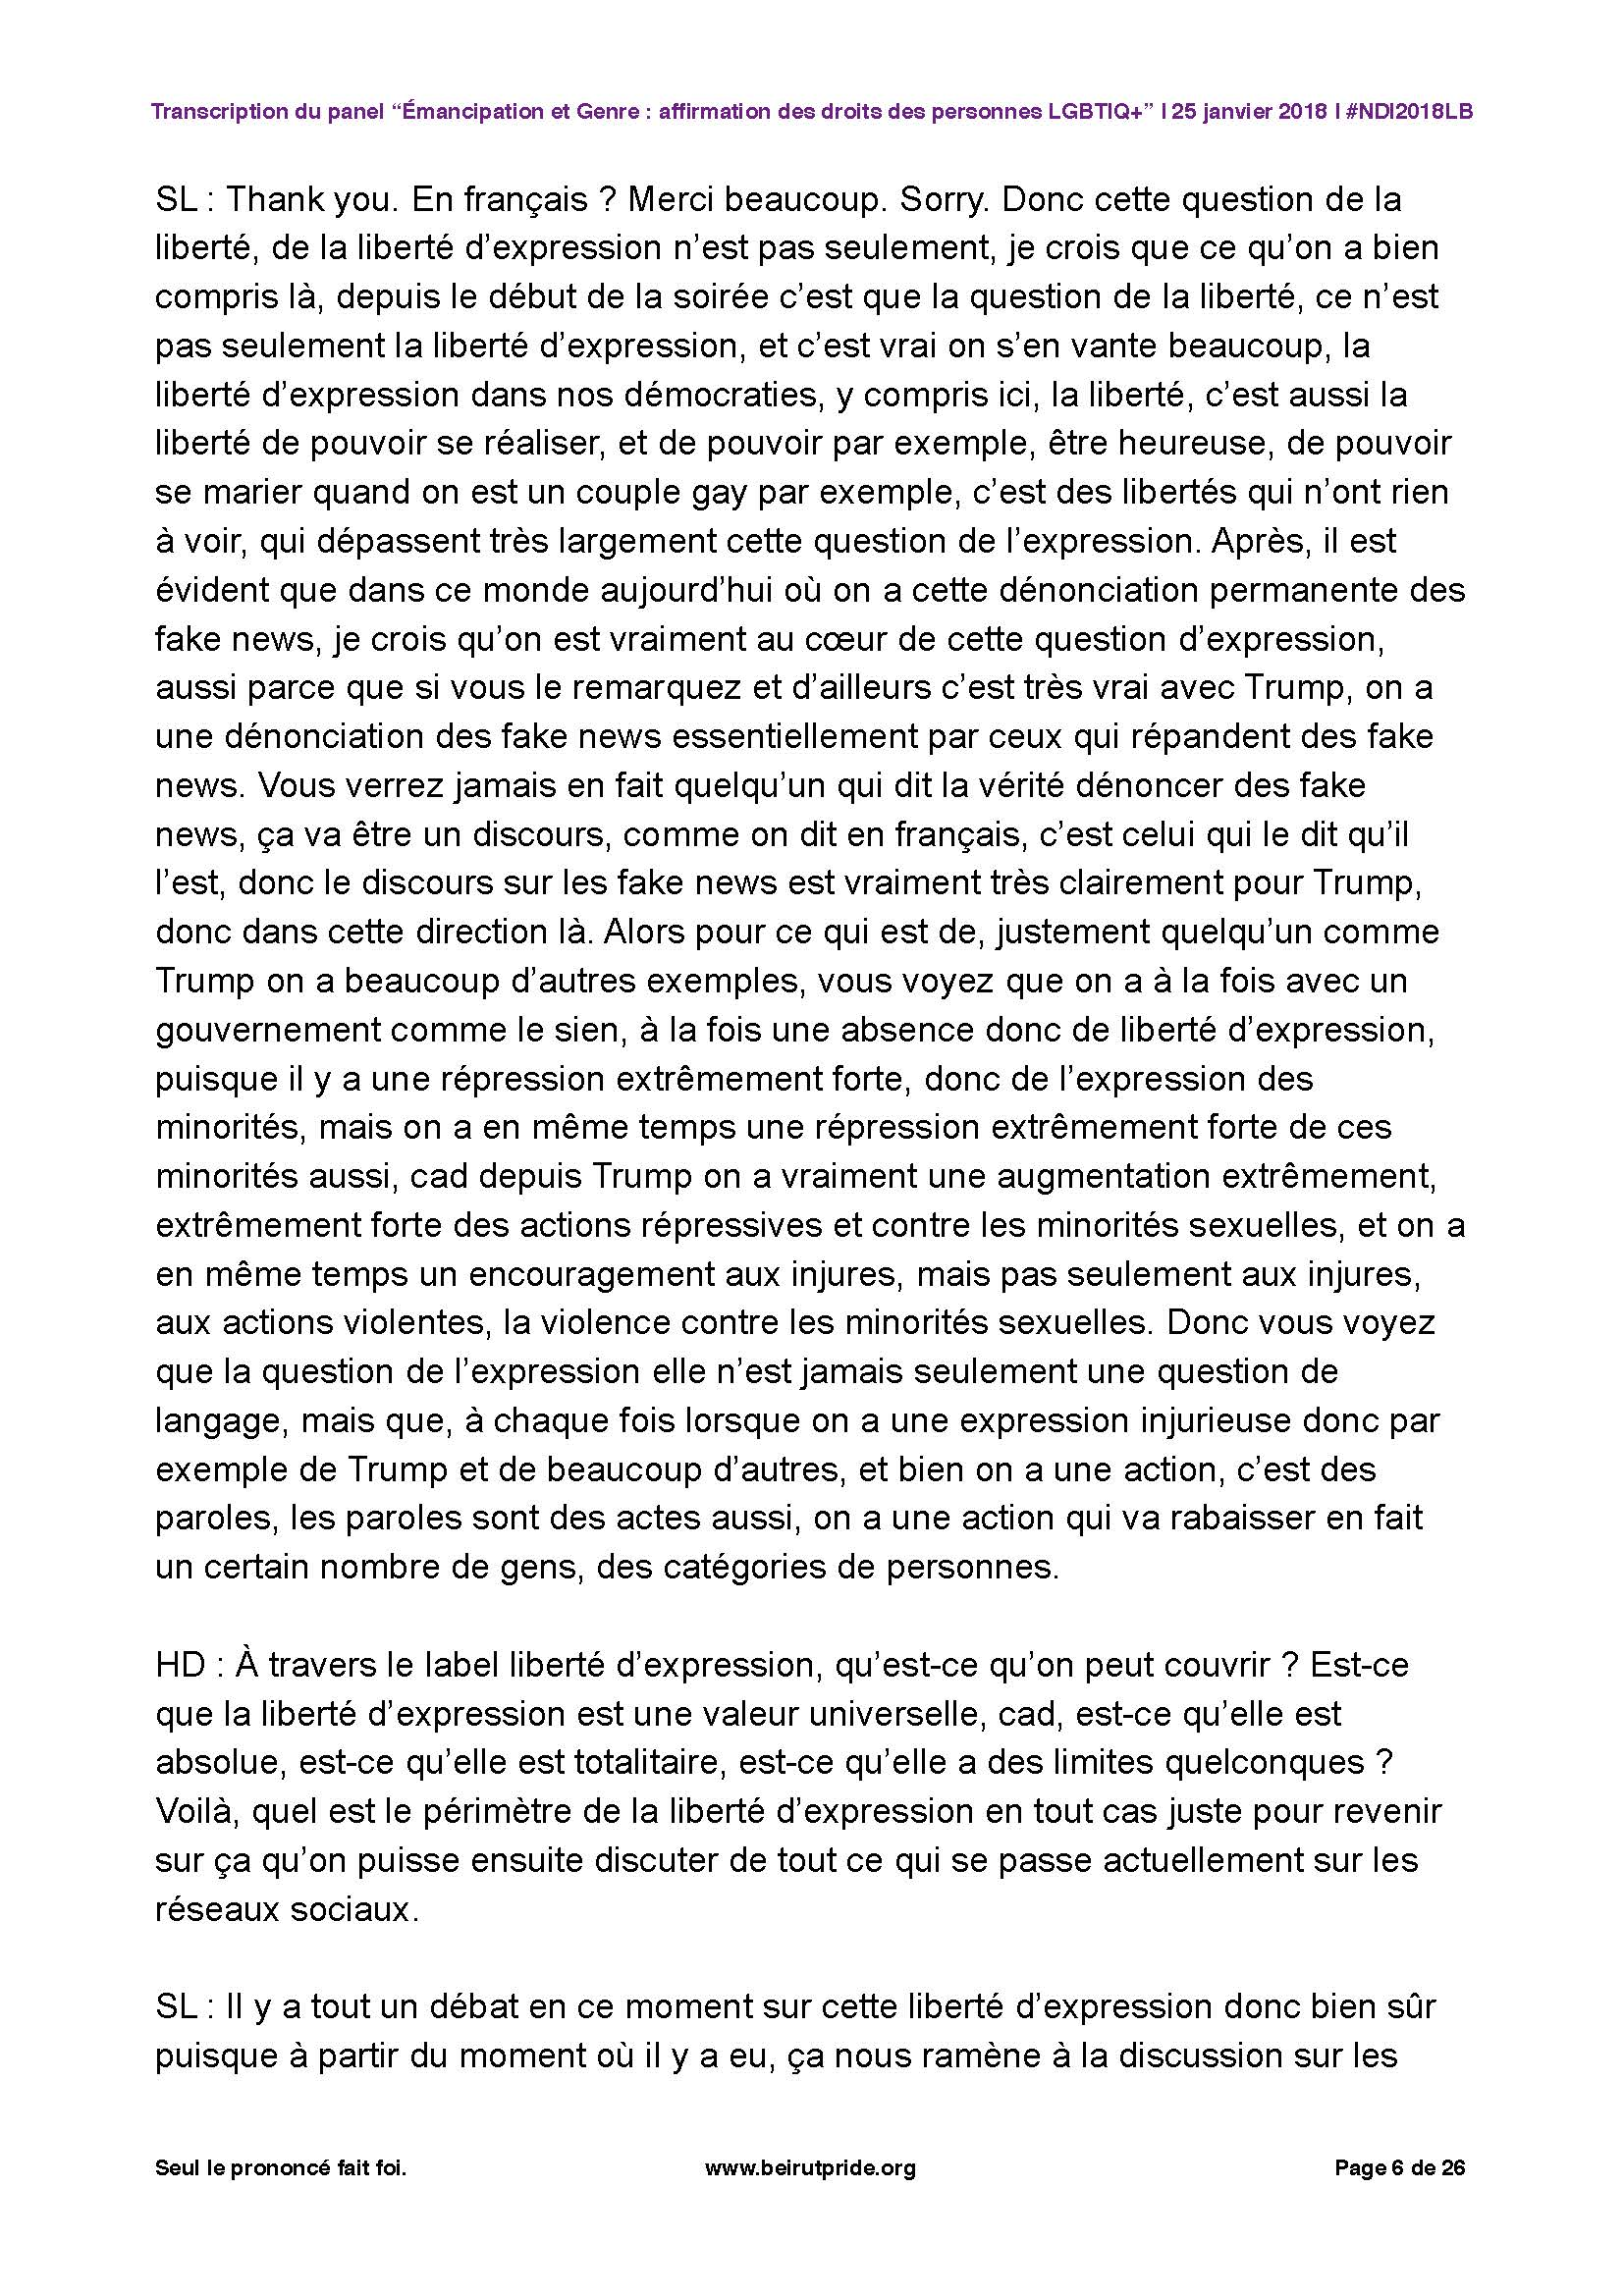 Transcription Nuit des idées 2018_Page_06.jpg